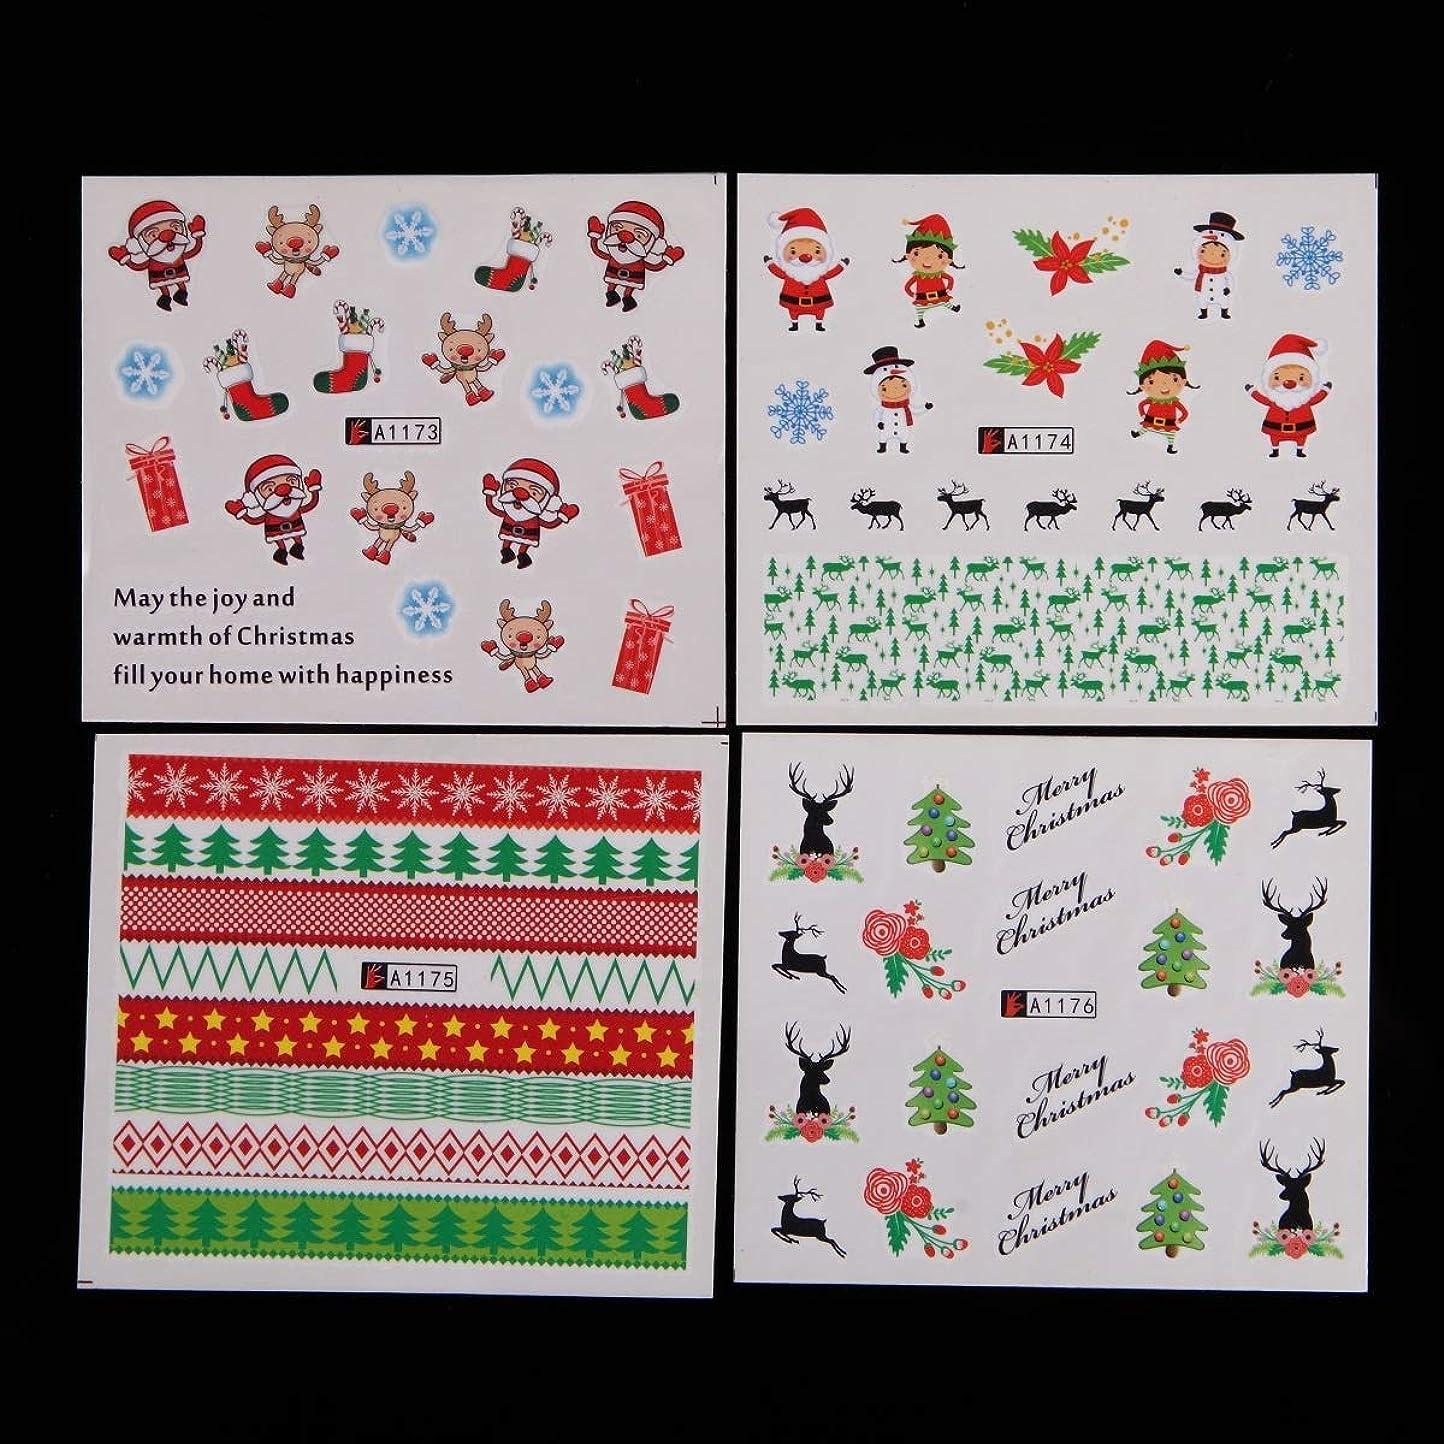 先見の明回転ペルソナALEXBIAN 48個/セットネイルデカールステッカー自己接着DIYネイルアート水転写ヒントステンシルステッカー2ハロウィーンゴーストカボチャ城スカルとクリスマスの装飾ツールのスタイル (Color : CHRISTMAS SET)